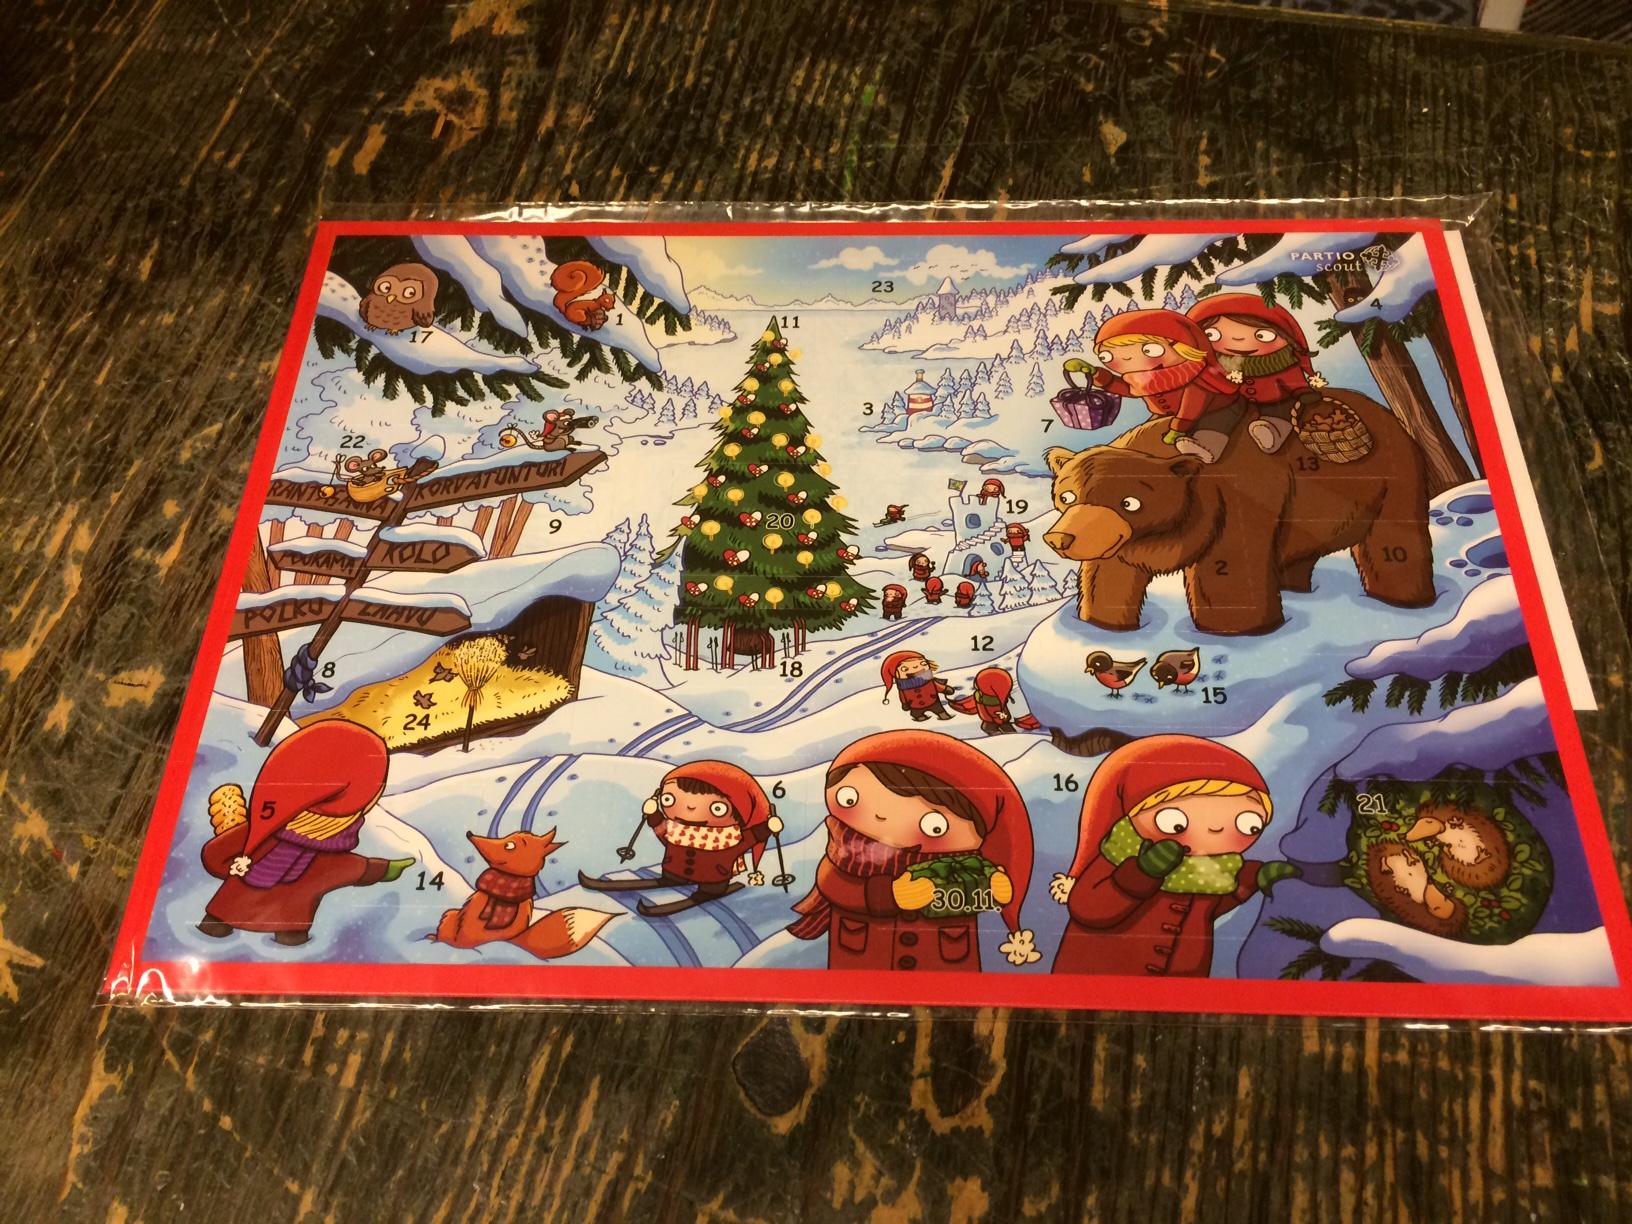 partiolaisten joulukalenteri Ruotsista löydetty sukellusvene oikeasti partiolaisten  partiolaisten joulukalenteri